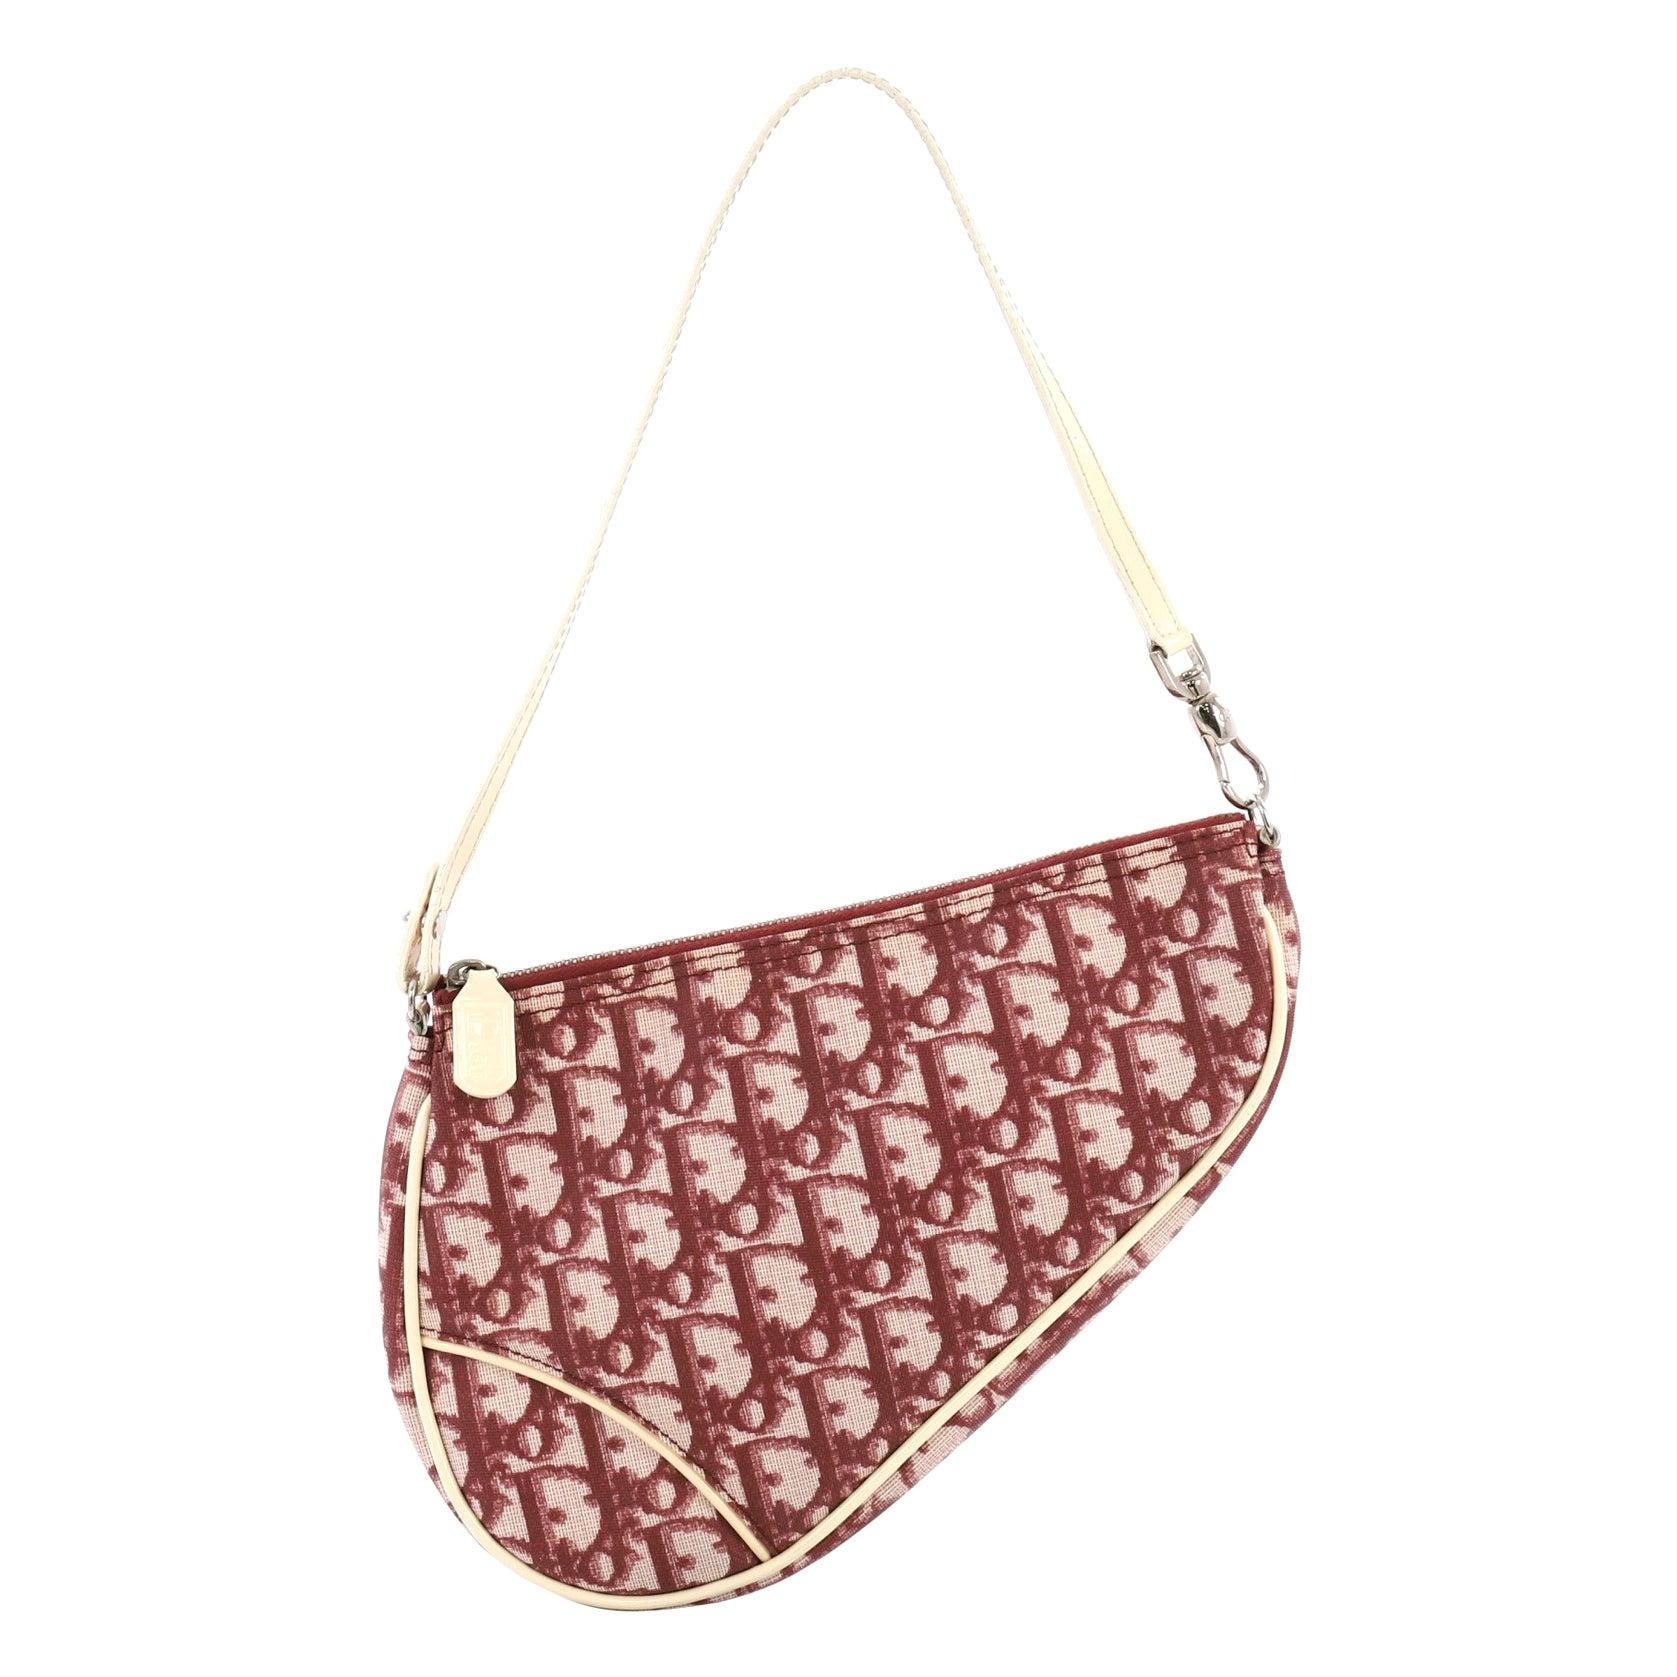 d9307ecca4e Christian Dior Vintage Saddle Bag Diorissimo Canvas Mini at 1stdibs